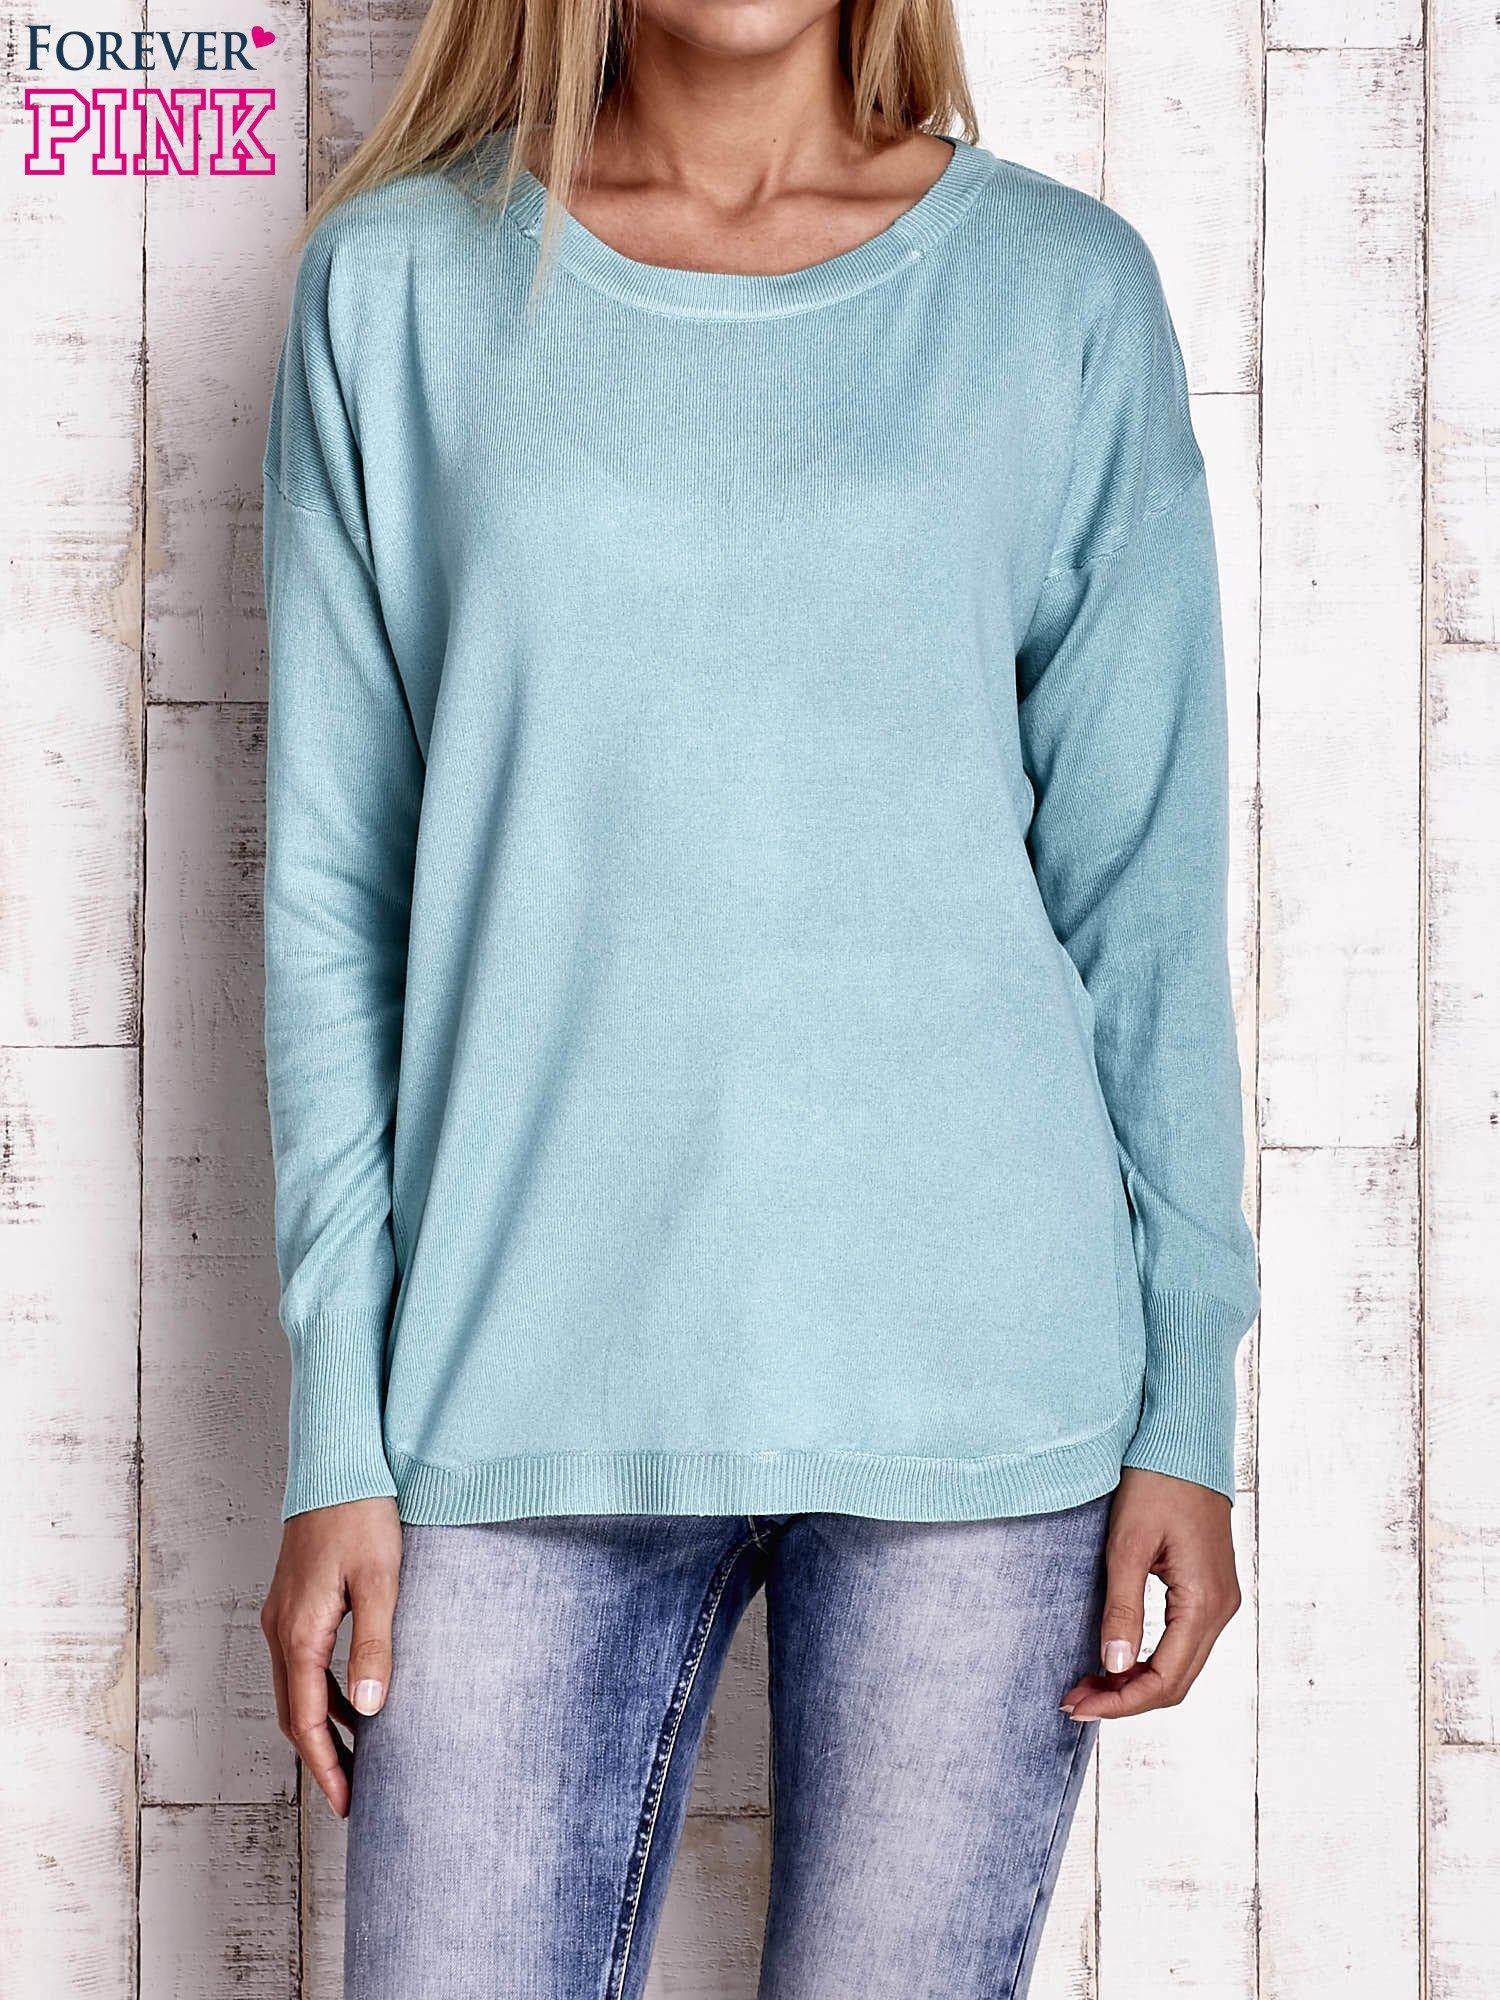 Jasnoturkusowy sweter z okrągłym dekoltem                                  zdj.                                  1